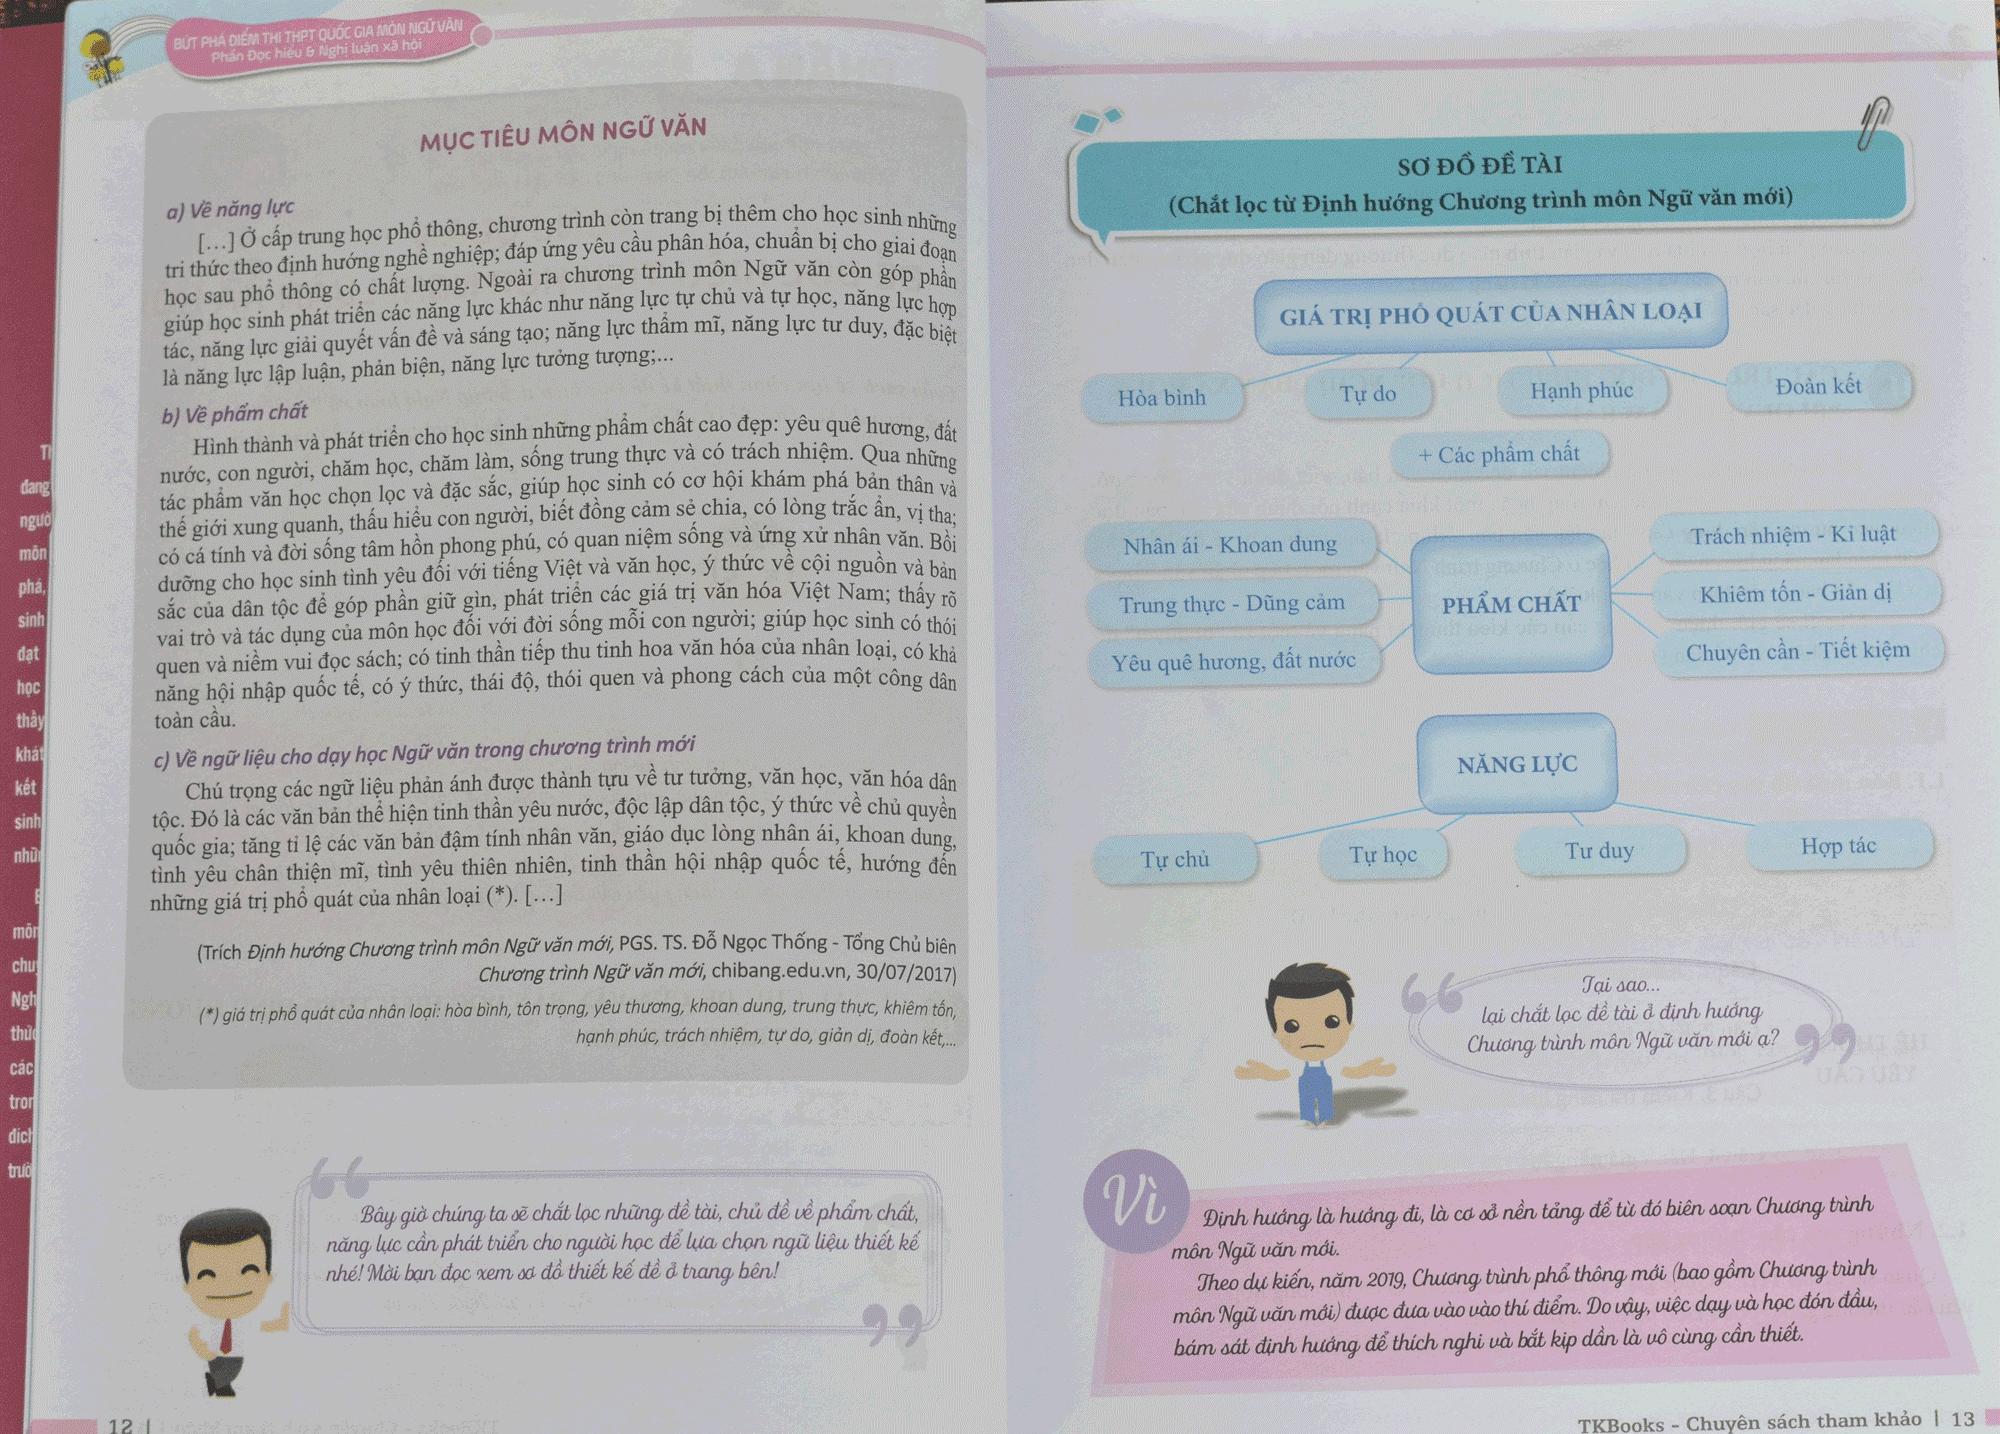 Bứt Phá Điểm Thi THPT Quốc Gia Môn Ngữ Văn - Phần Đọc Hiểu Và Nghị Luận Xã Hội